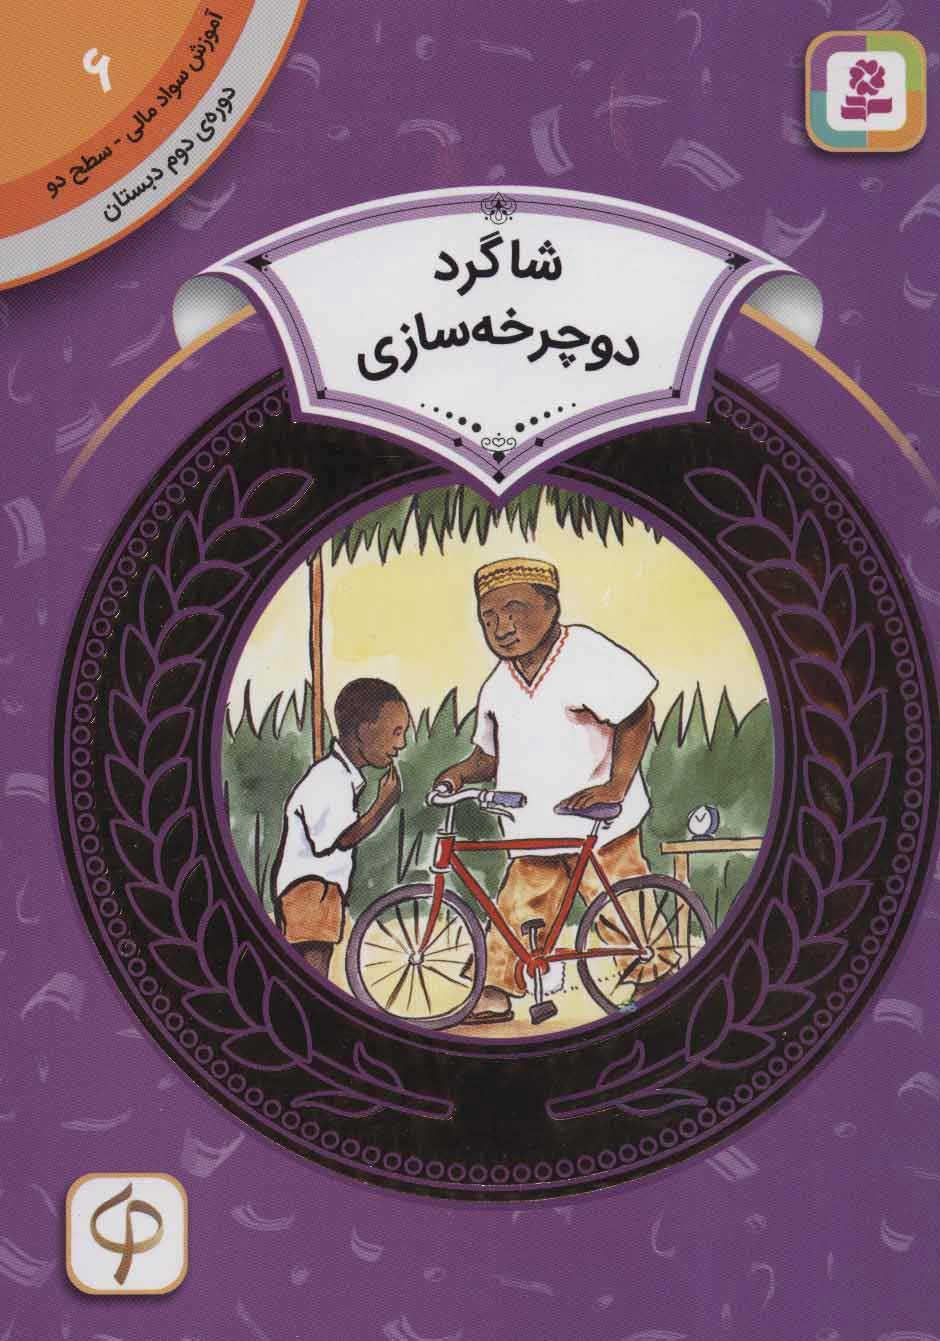 کتاب شاگرد دوچرخه سازی